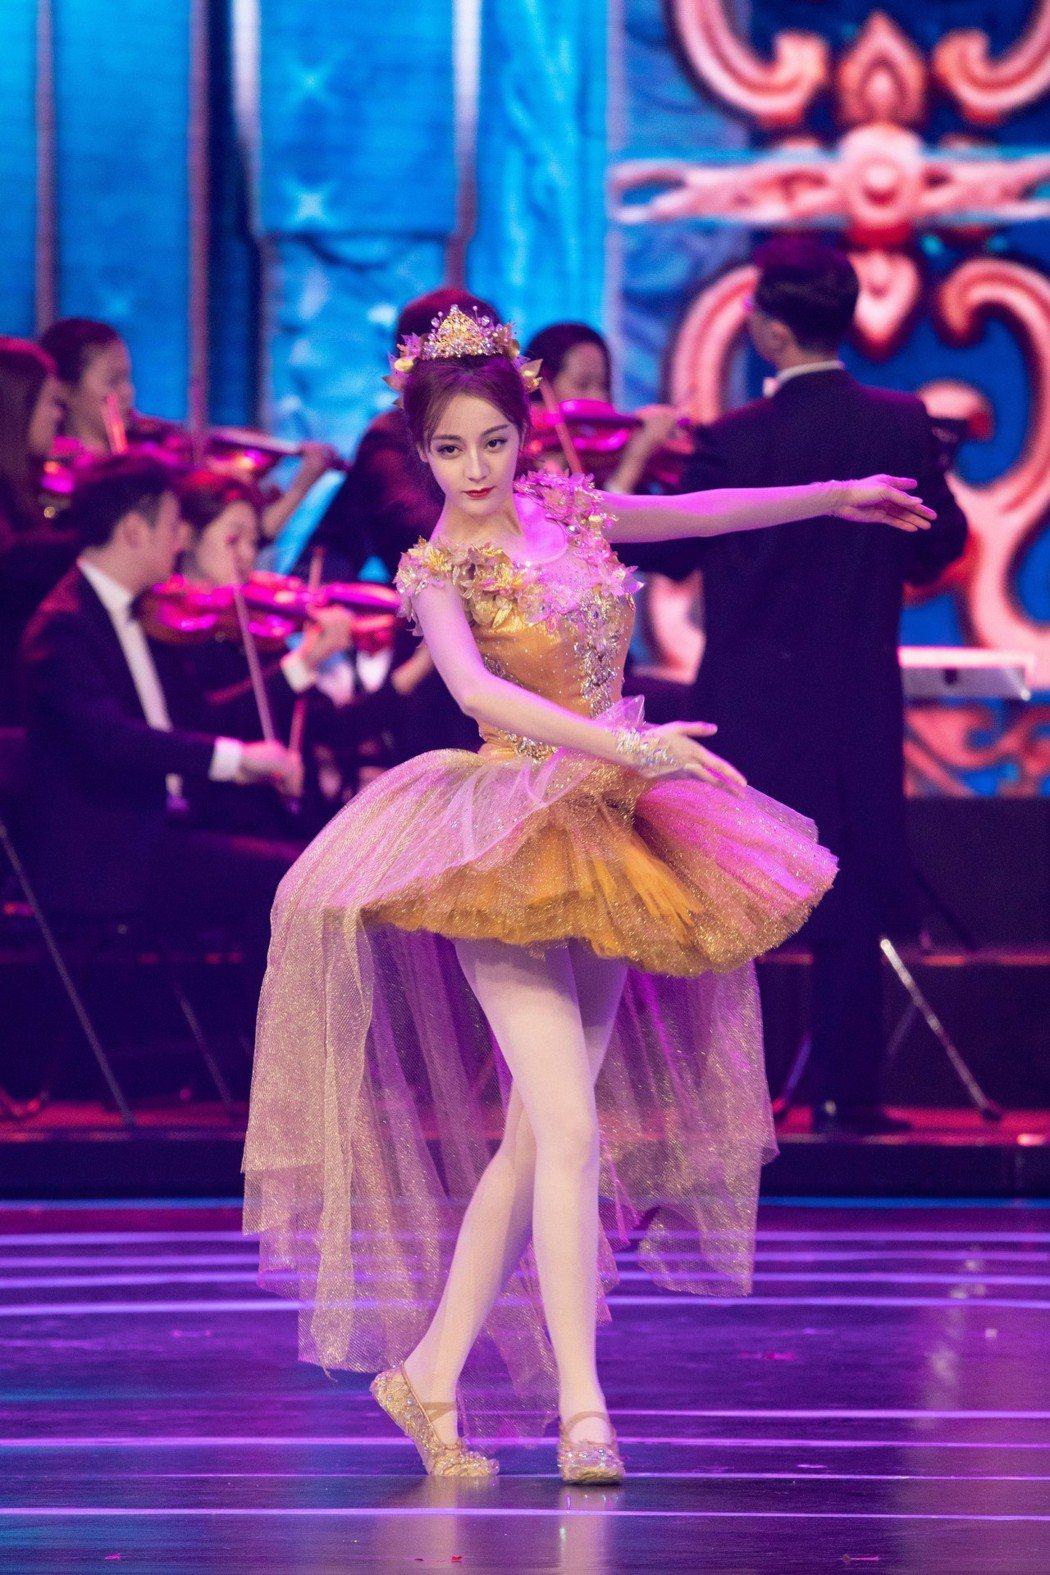 迪麗熱巴在北京國際電影節開幕式表演芭蕾舞。 圖/擷自迪麗熱巴工作室微博